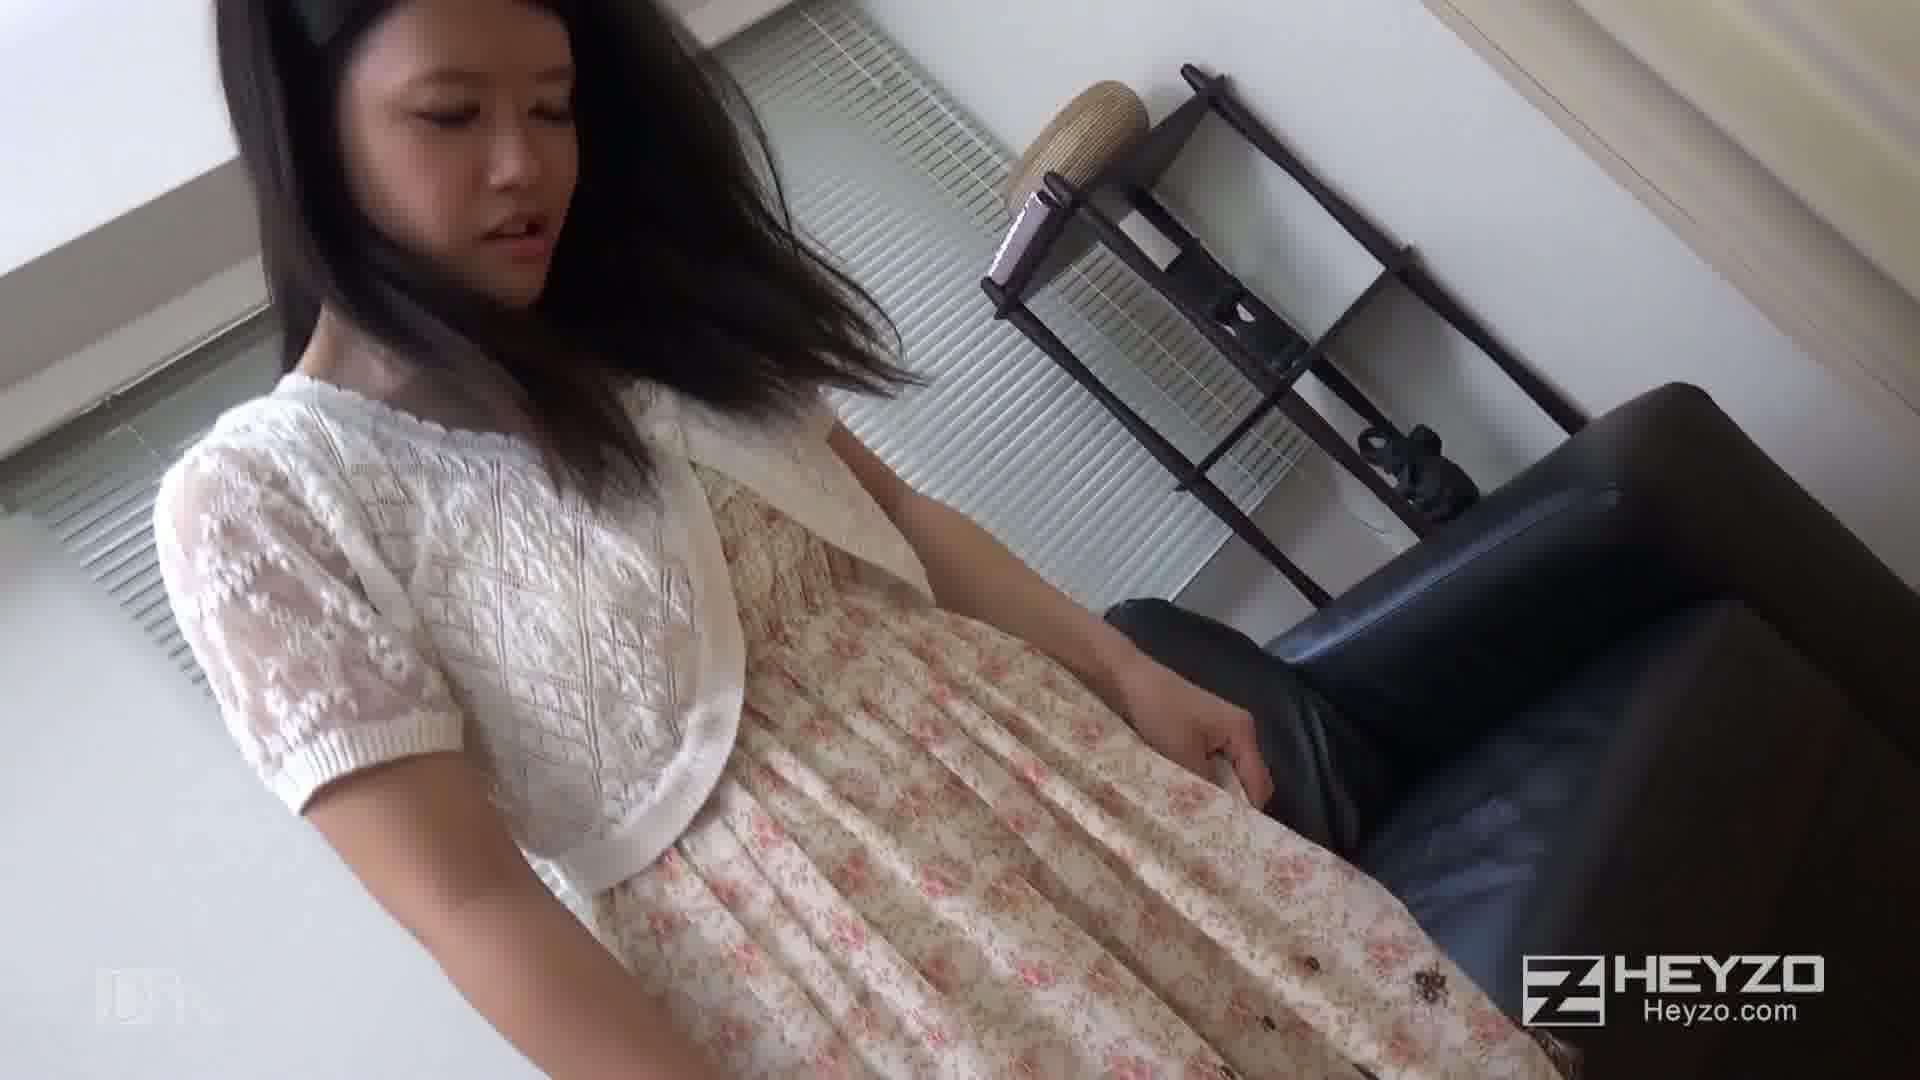 都会の洗礼 前編 - 双葉愛【ナンパ 面接 カメラテスト】